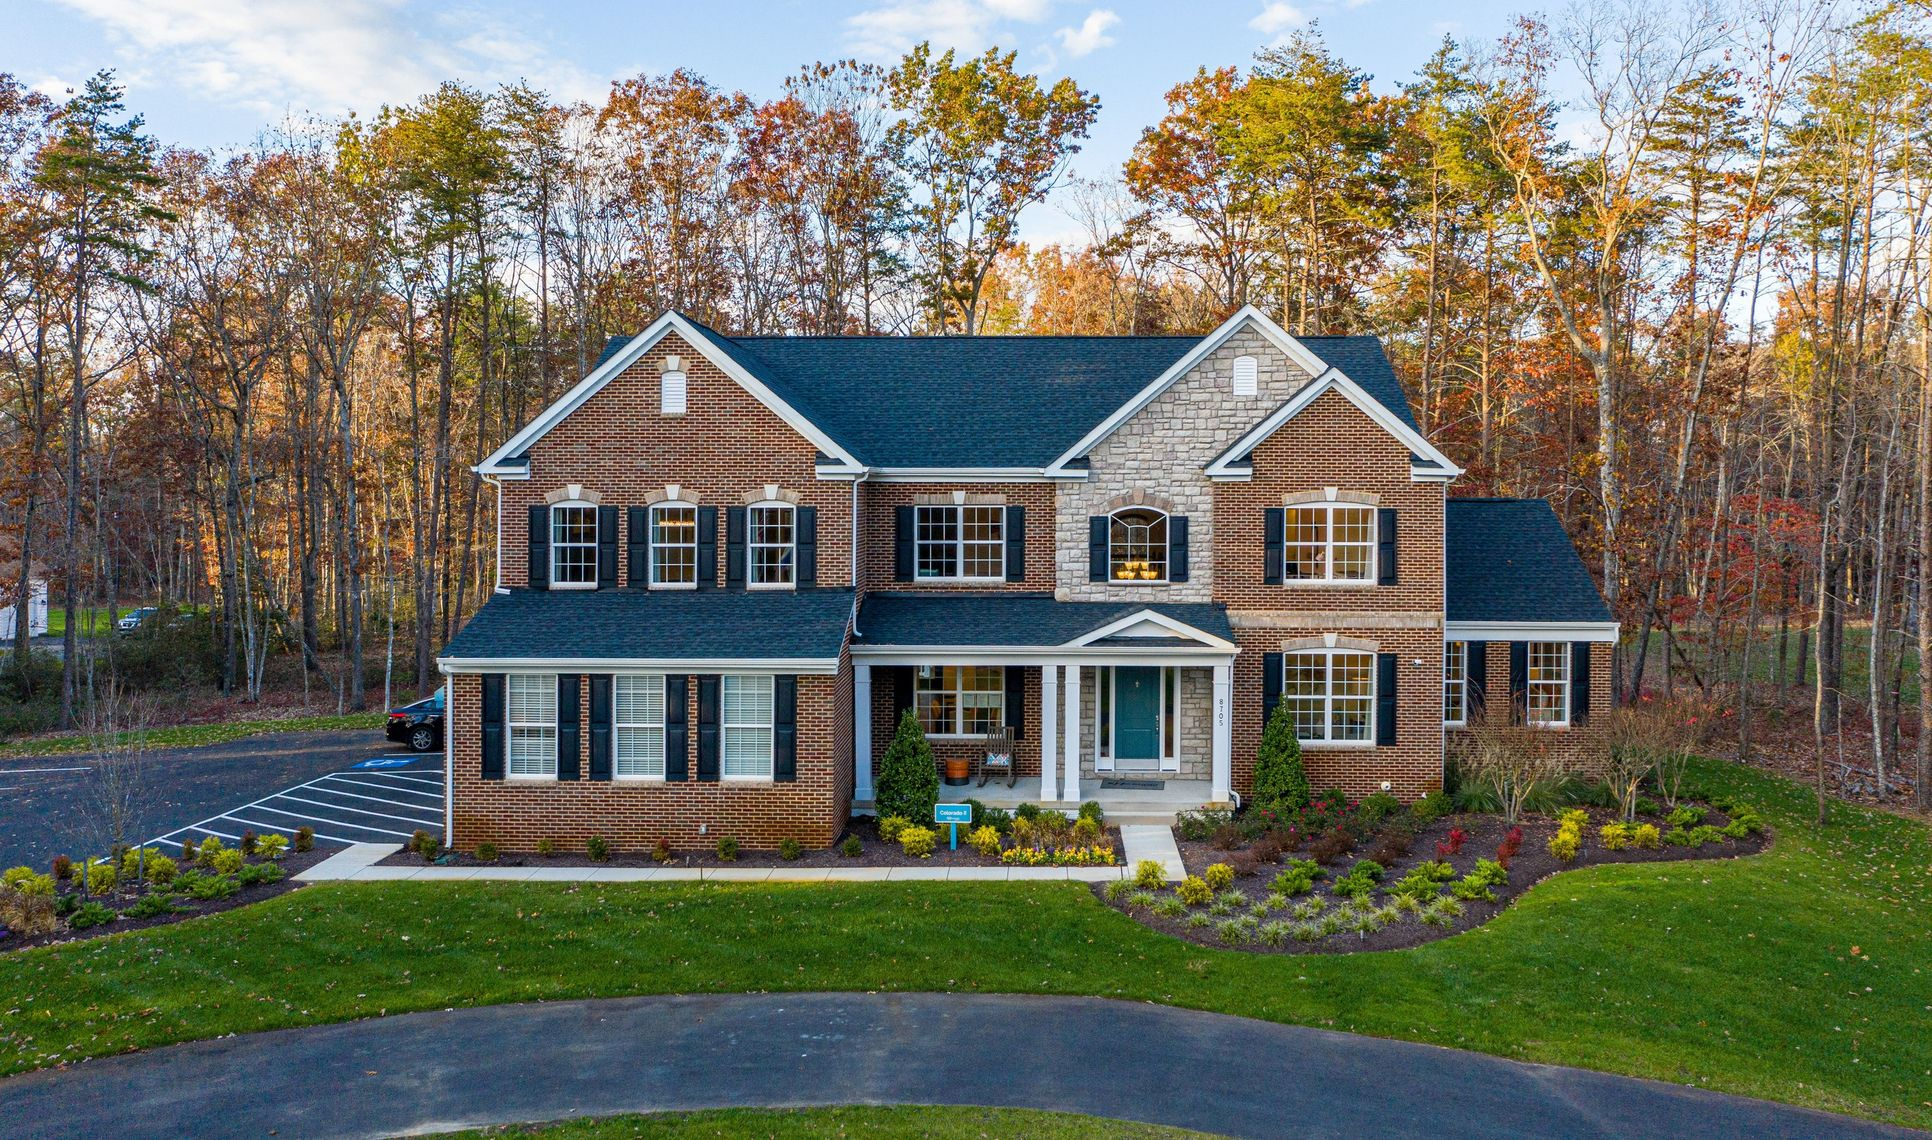 71089_Estates of Chancellorsville_Colorado II_Estates of Chancellorsville Colorado II Drone Image